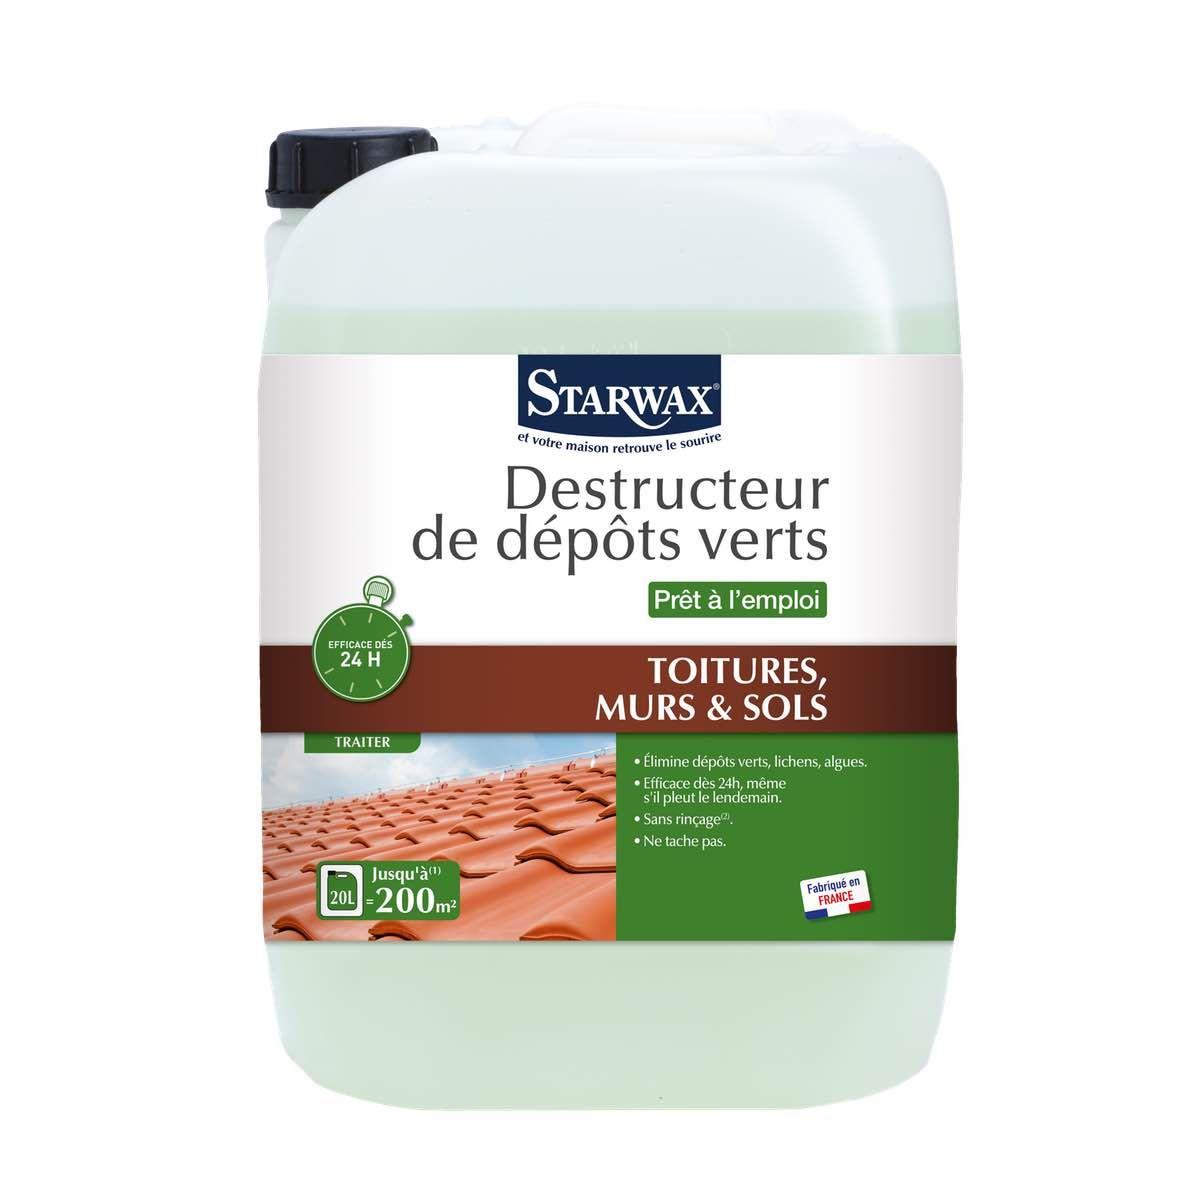 Destructeurs de mousses prêt à l'emploi - Starwax